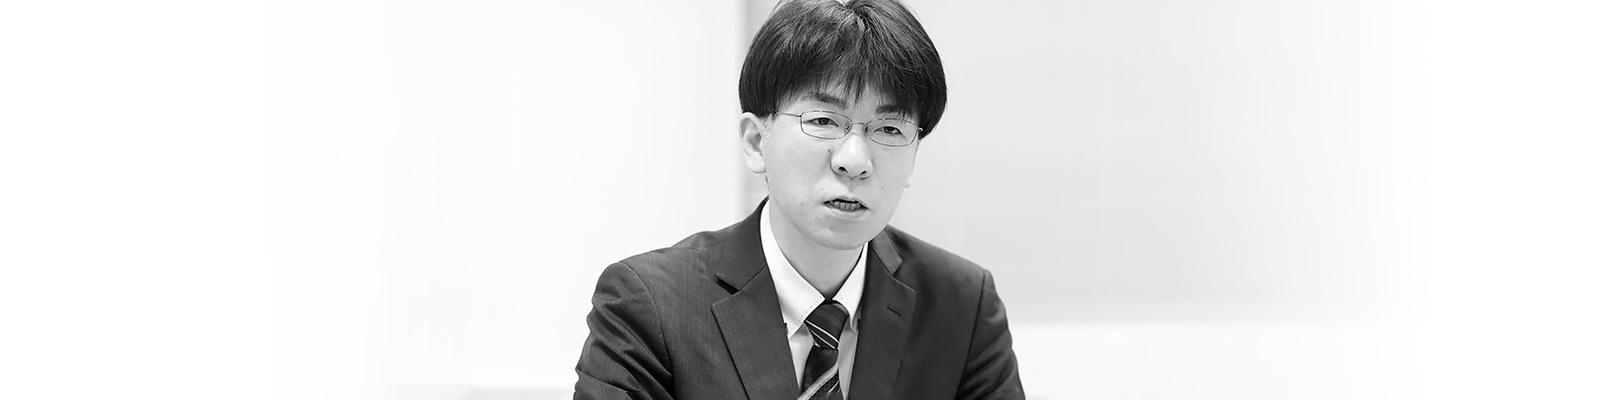 東芝ITサービス ユニファイドマネジメントセンタ 企画・管理部主管 枡田鉄也氏